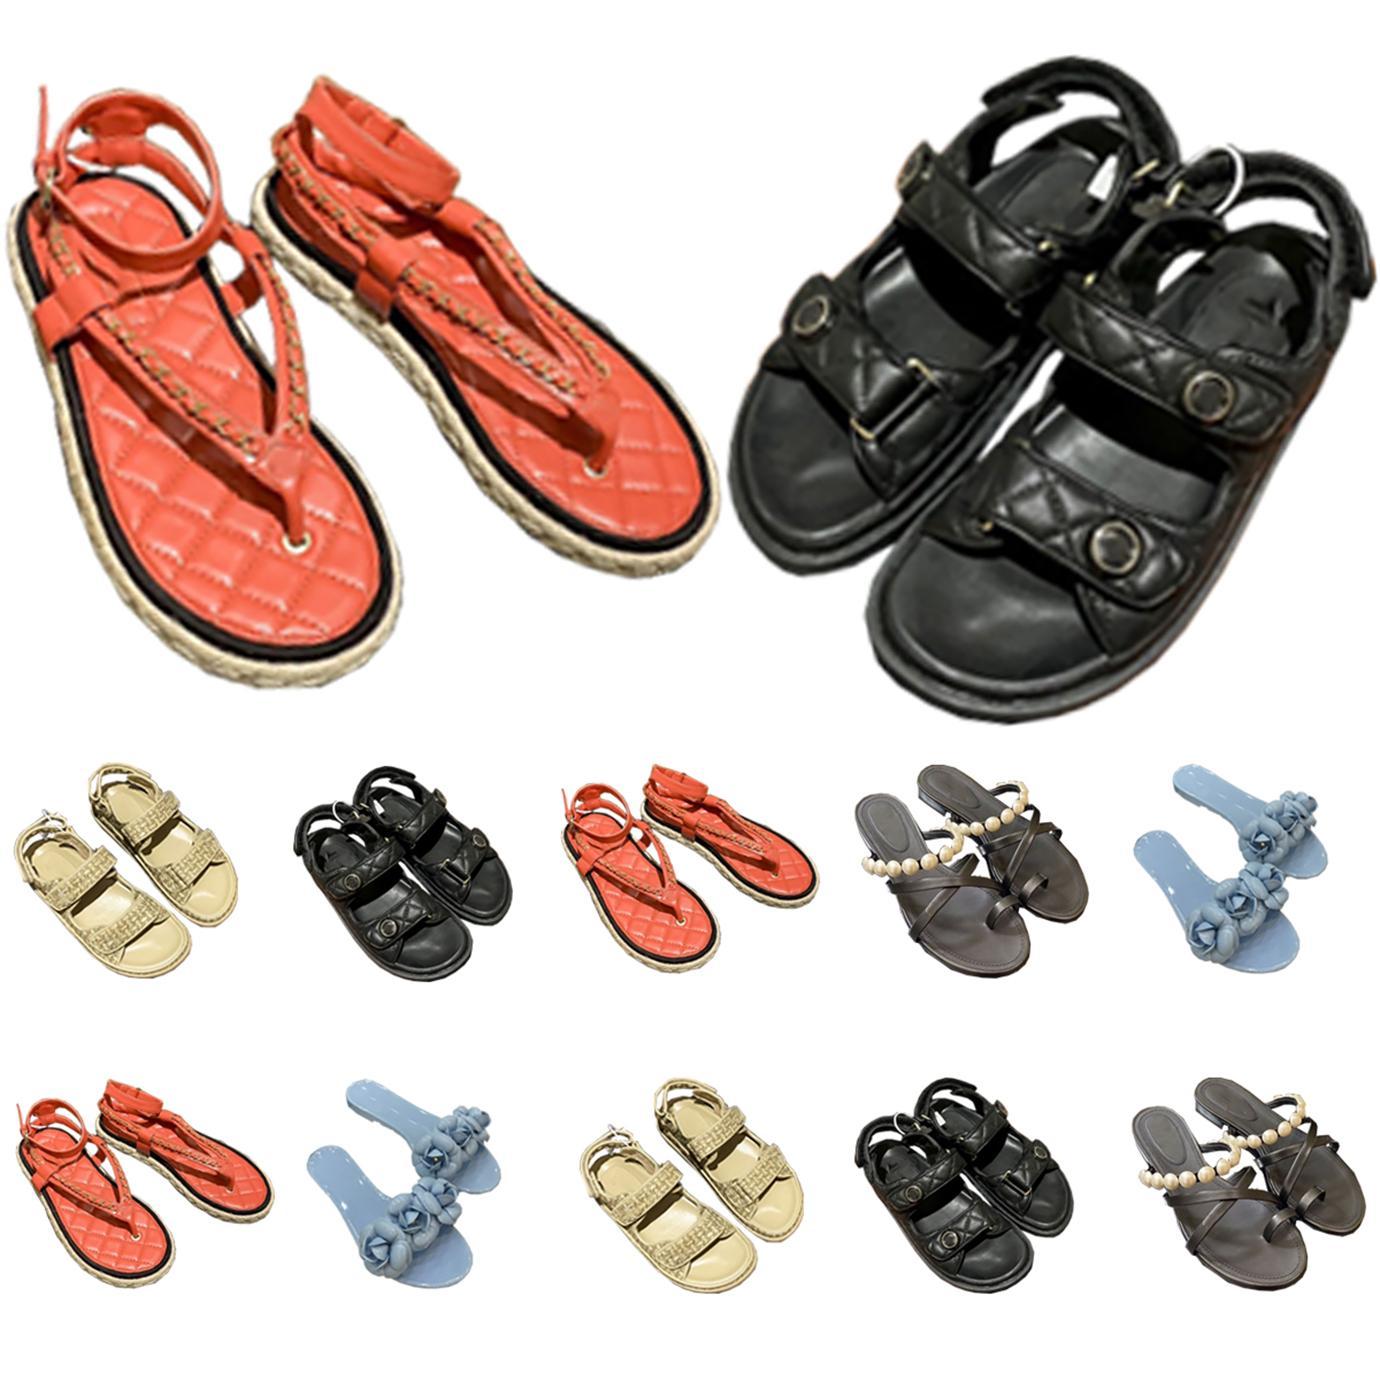 Sandálias As mulheres deslizam womens scuffs chinelo luxurys designers sapatos saltos altos saltos de couro genuíno paris verão Bombas de praia